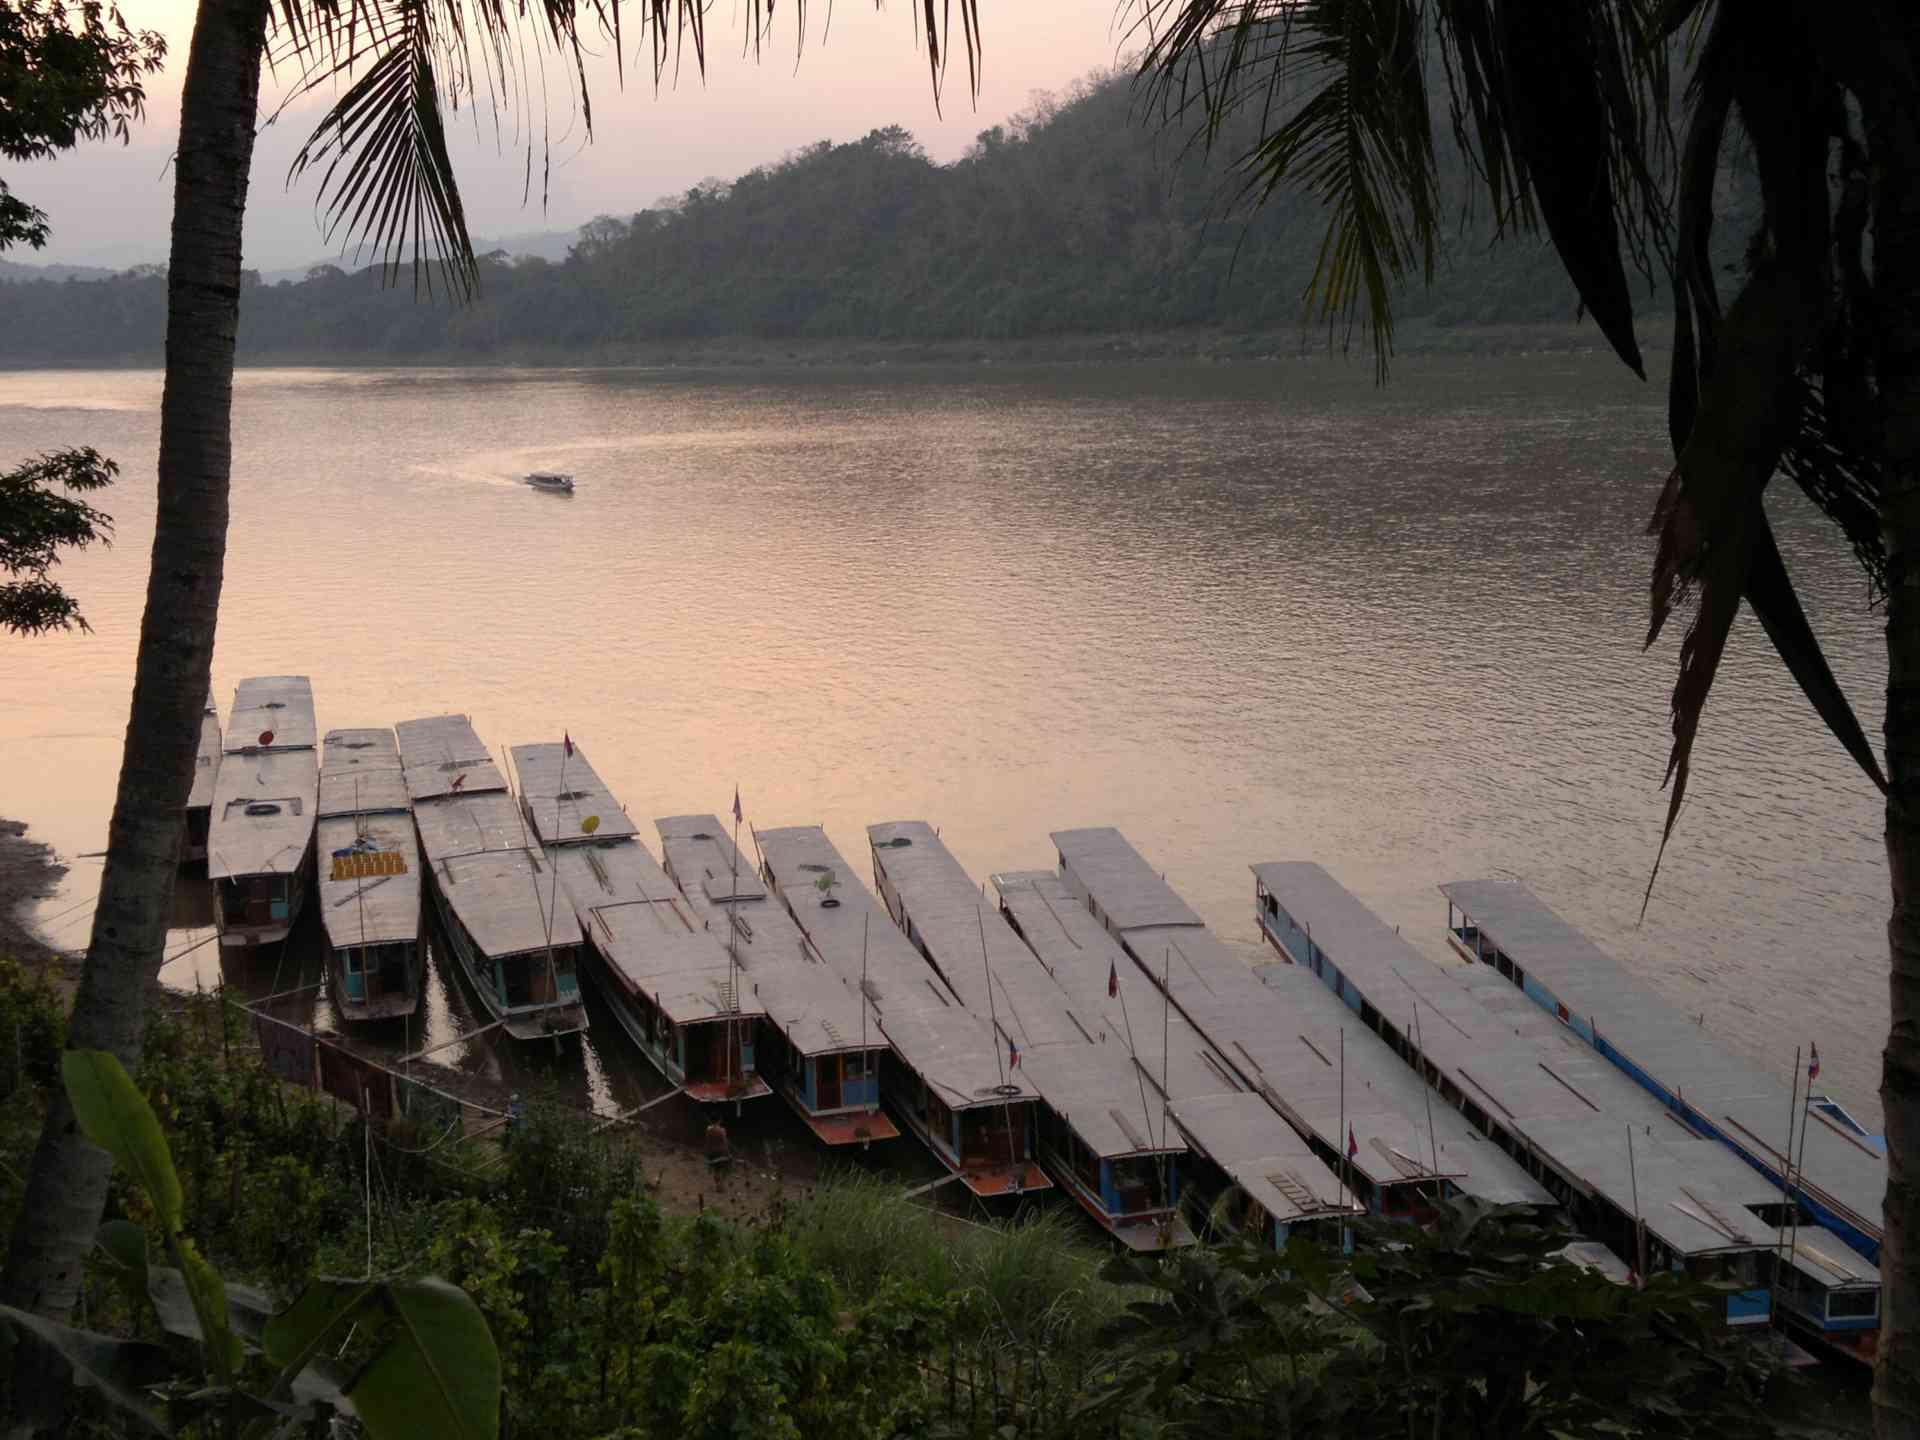 Luang Prabang, Laos by Craig McBey